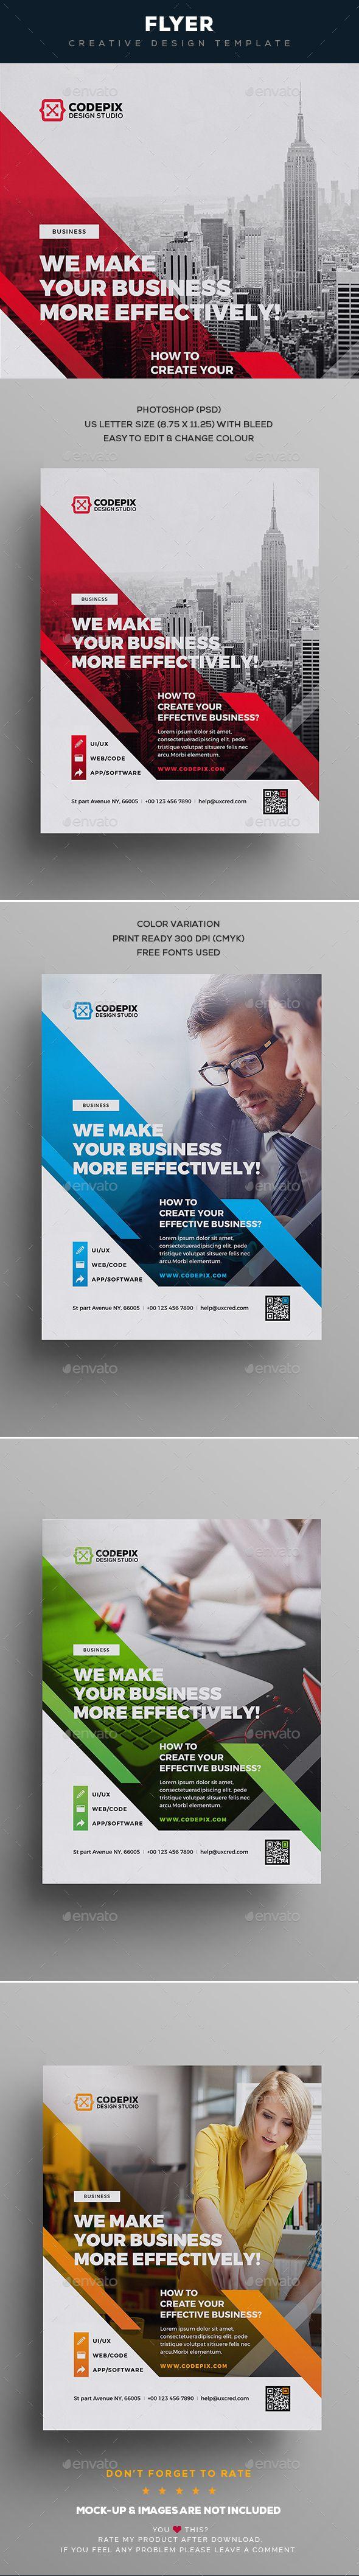 Flyer Template PSD design 564 best Design